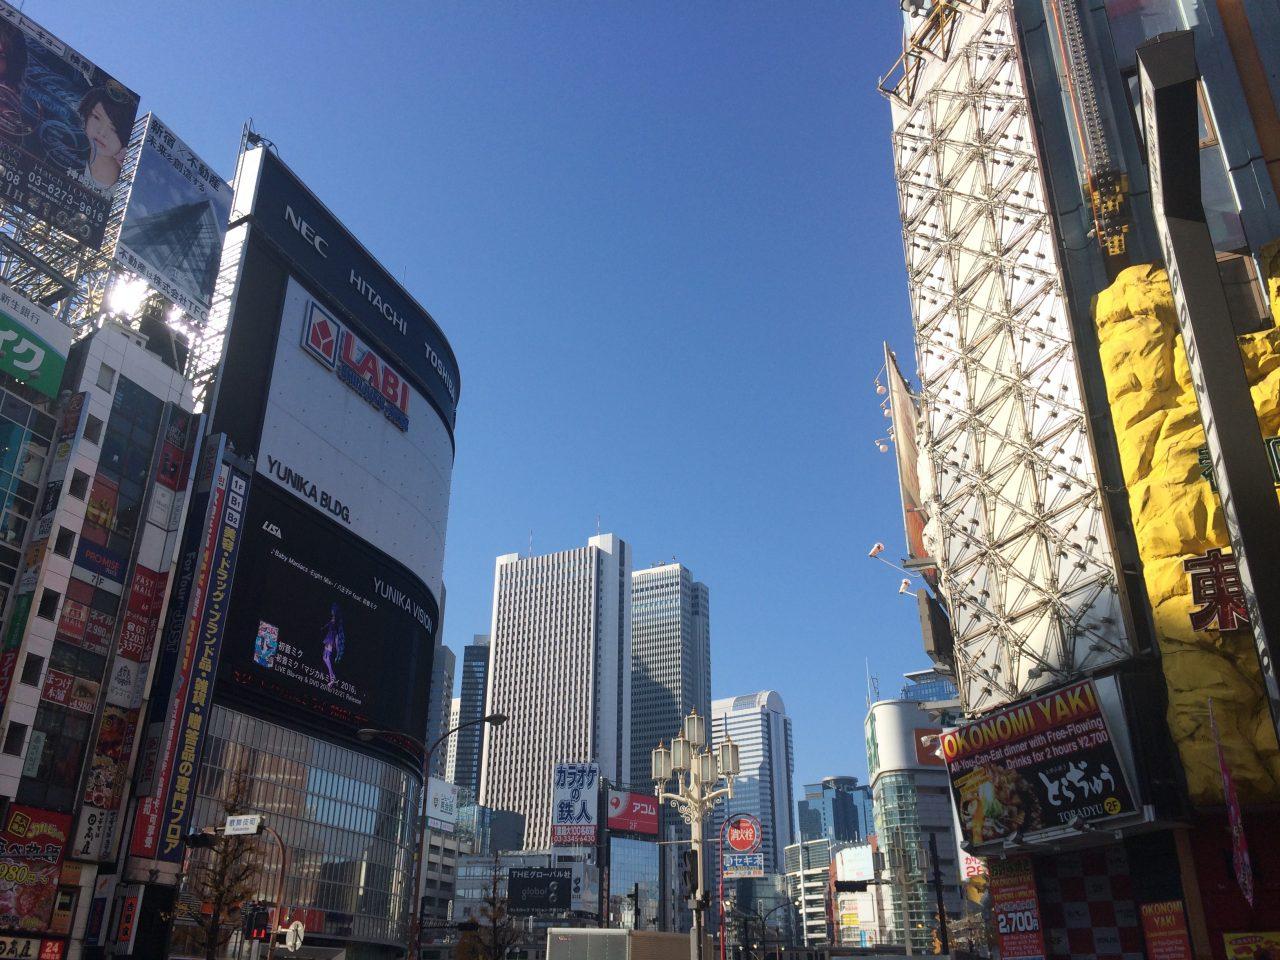 歌舞伎町からみたLABIと西新宿の高層ビル街の写真